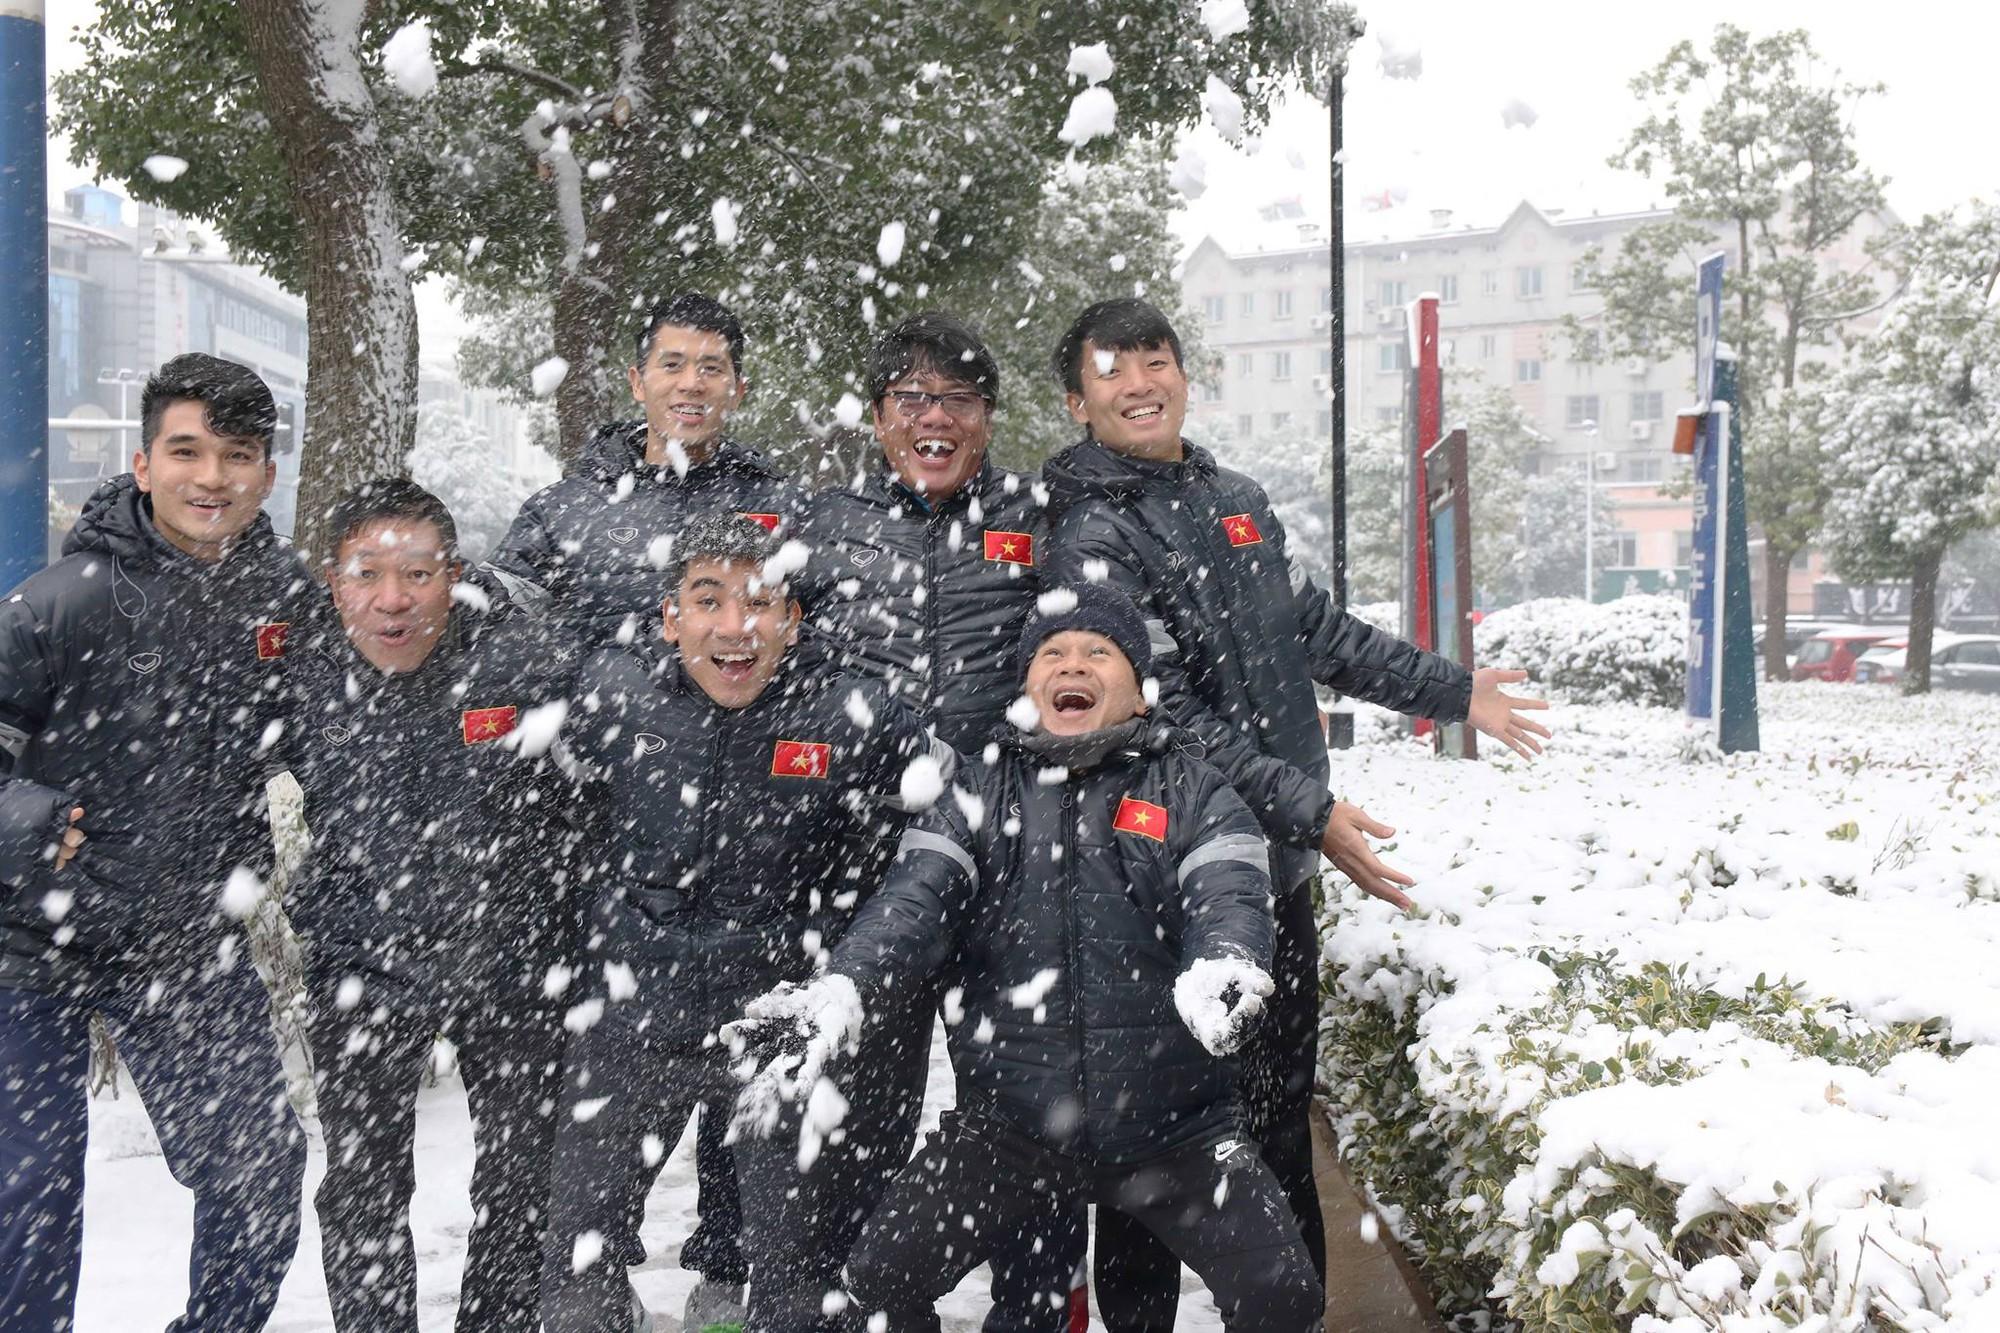 Có thể nói chuyến du ngoạn tuyết này là liệu pháp tinh thần cực kỳ tốt mà HLV Park Hang Seo dành cho các học trò cũng như thành viên ban huấn luyện, đặc biệt là sau những gì họ đã căng thẳng trải qua ở VCK U23 châu Á 2018. Ảnh: VFF.